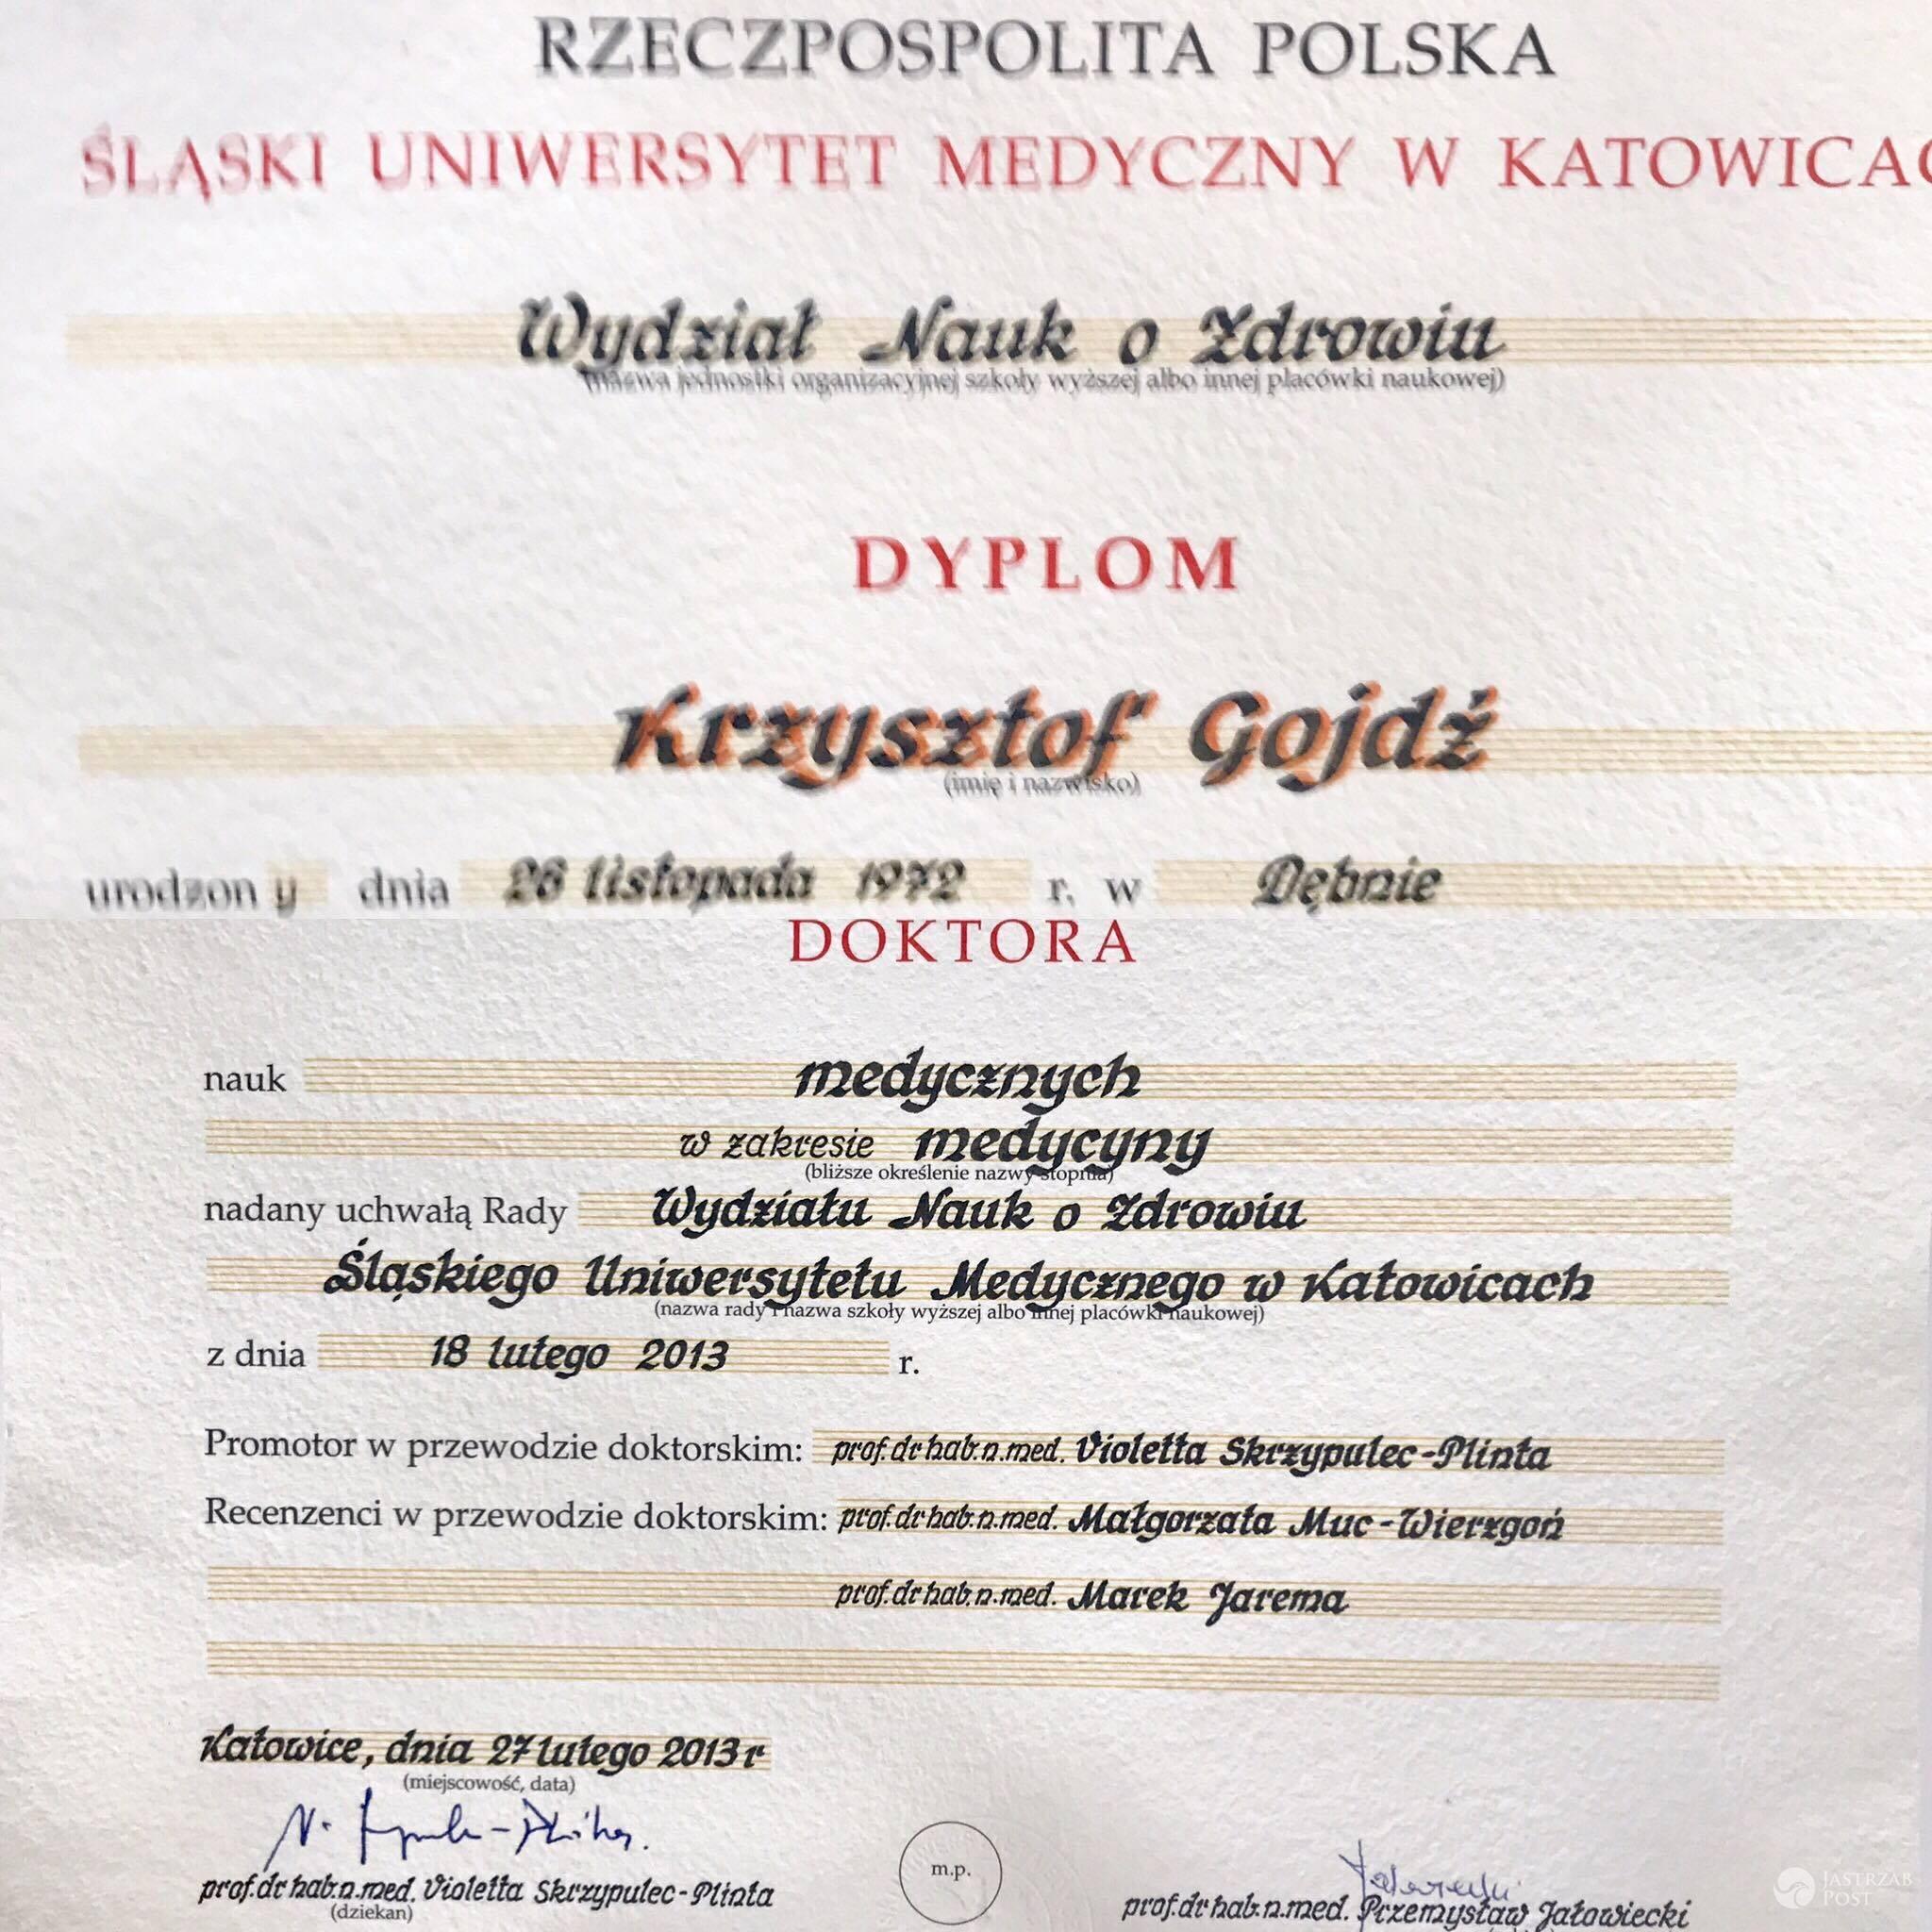 Krzysztof Gojdź wykształcenie